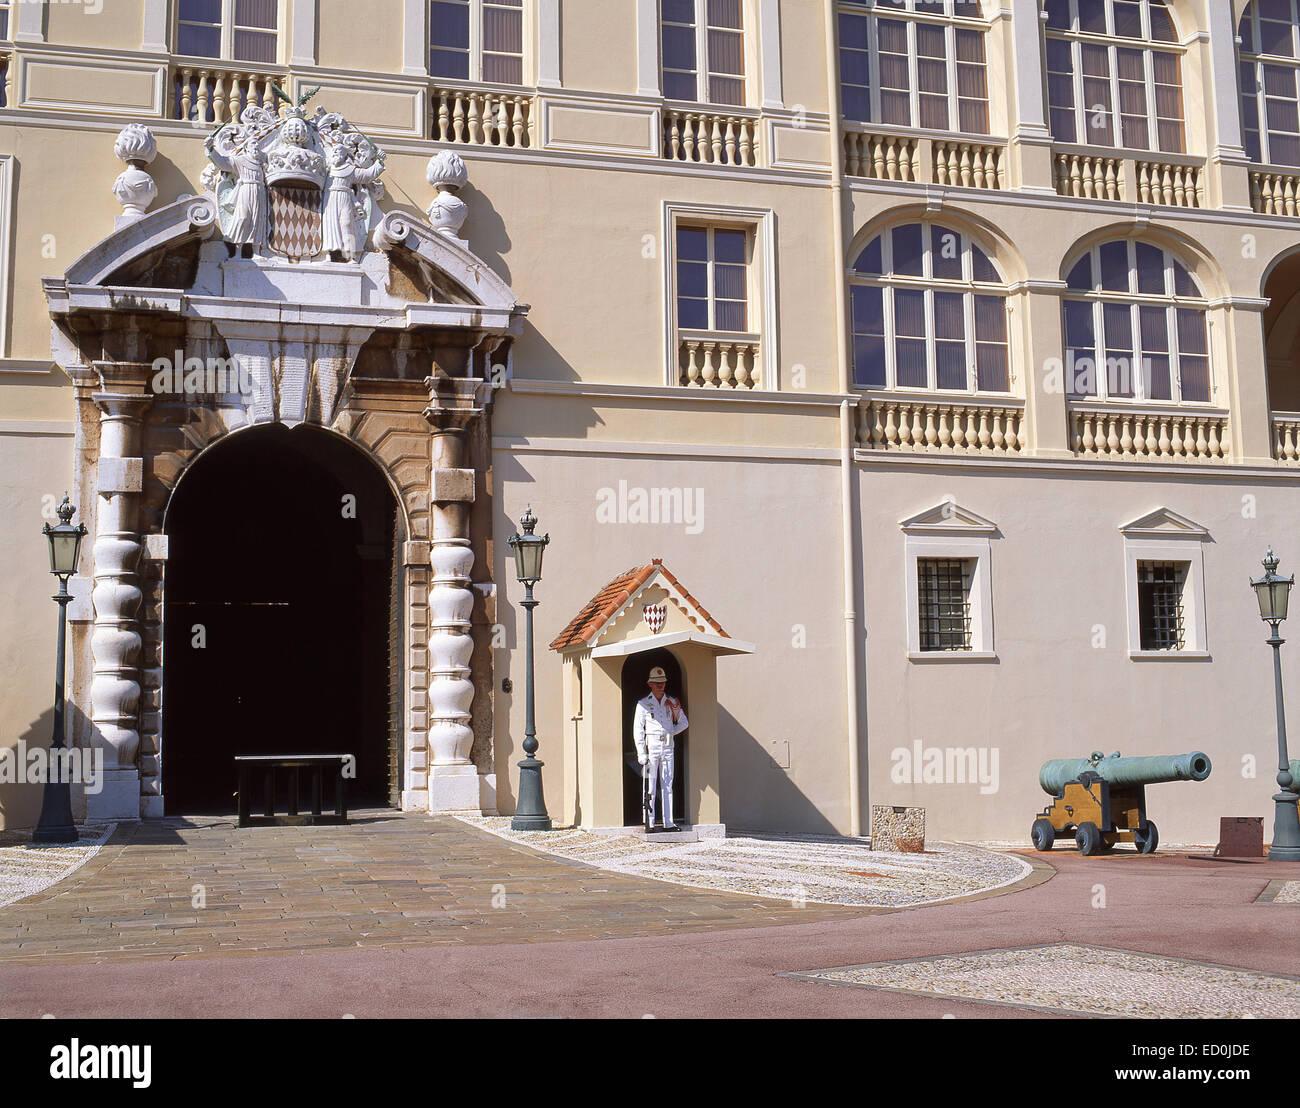 Royal guard, Palais Princier de Monaco, Place du Palais, Monaco-Ville, Principality of Monaco - Stock Image